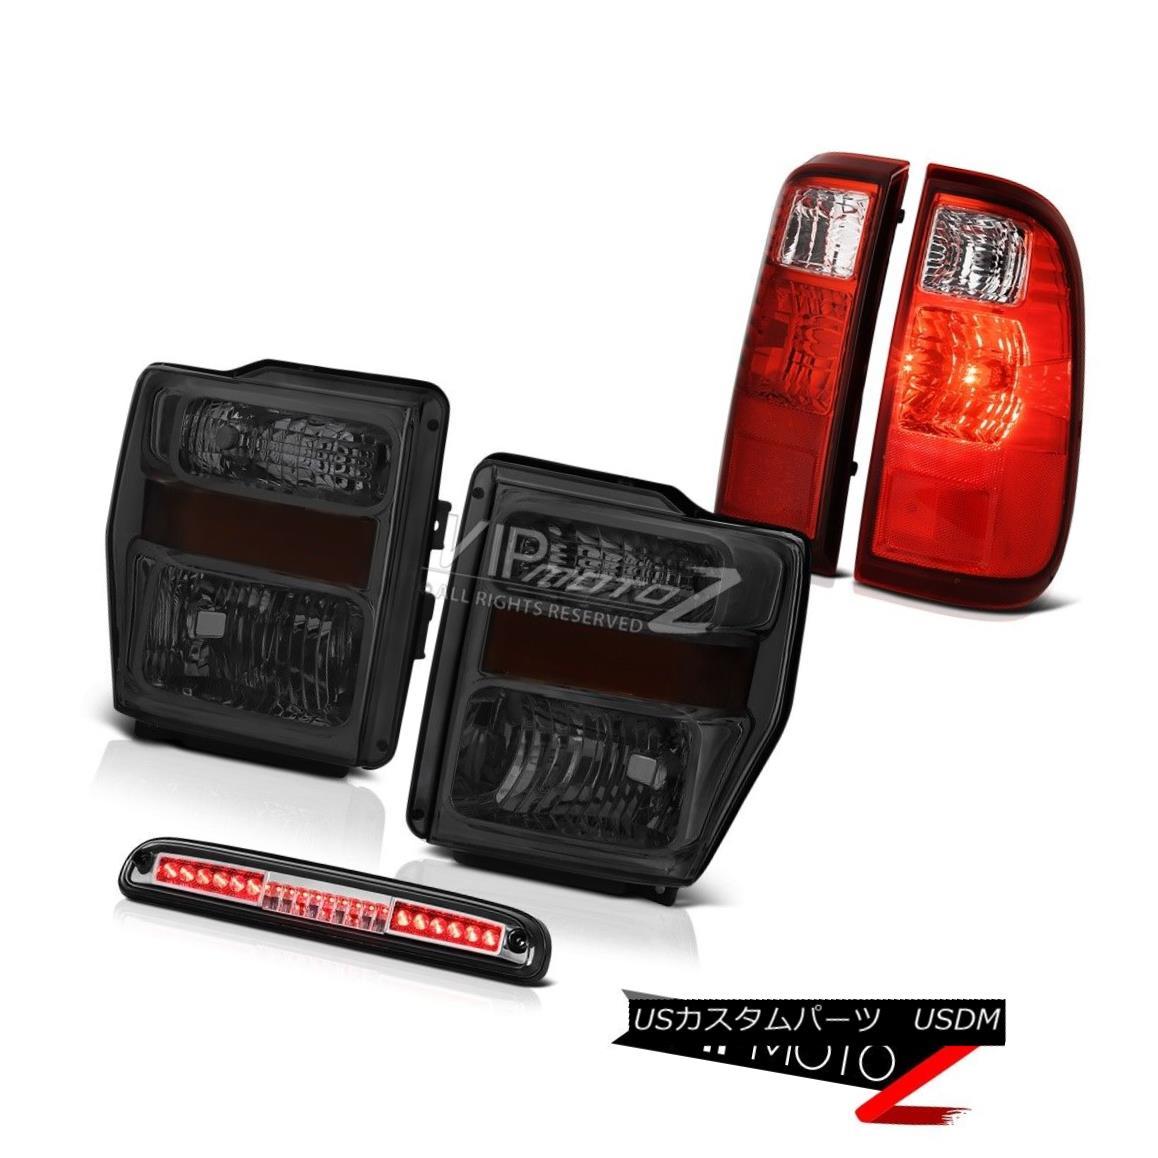 ヘッドライト Smoke Tinted Headlamps High Stop LED Chrome Red Tail Lamps 2008-2010 F250 Lariat スモークティンテッドヘッドランプハイストップLEDクロームレッドテールランプ2008-2010 F250 Lariat